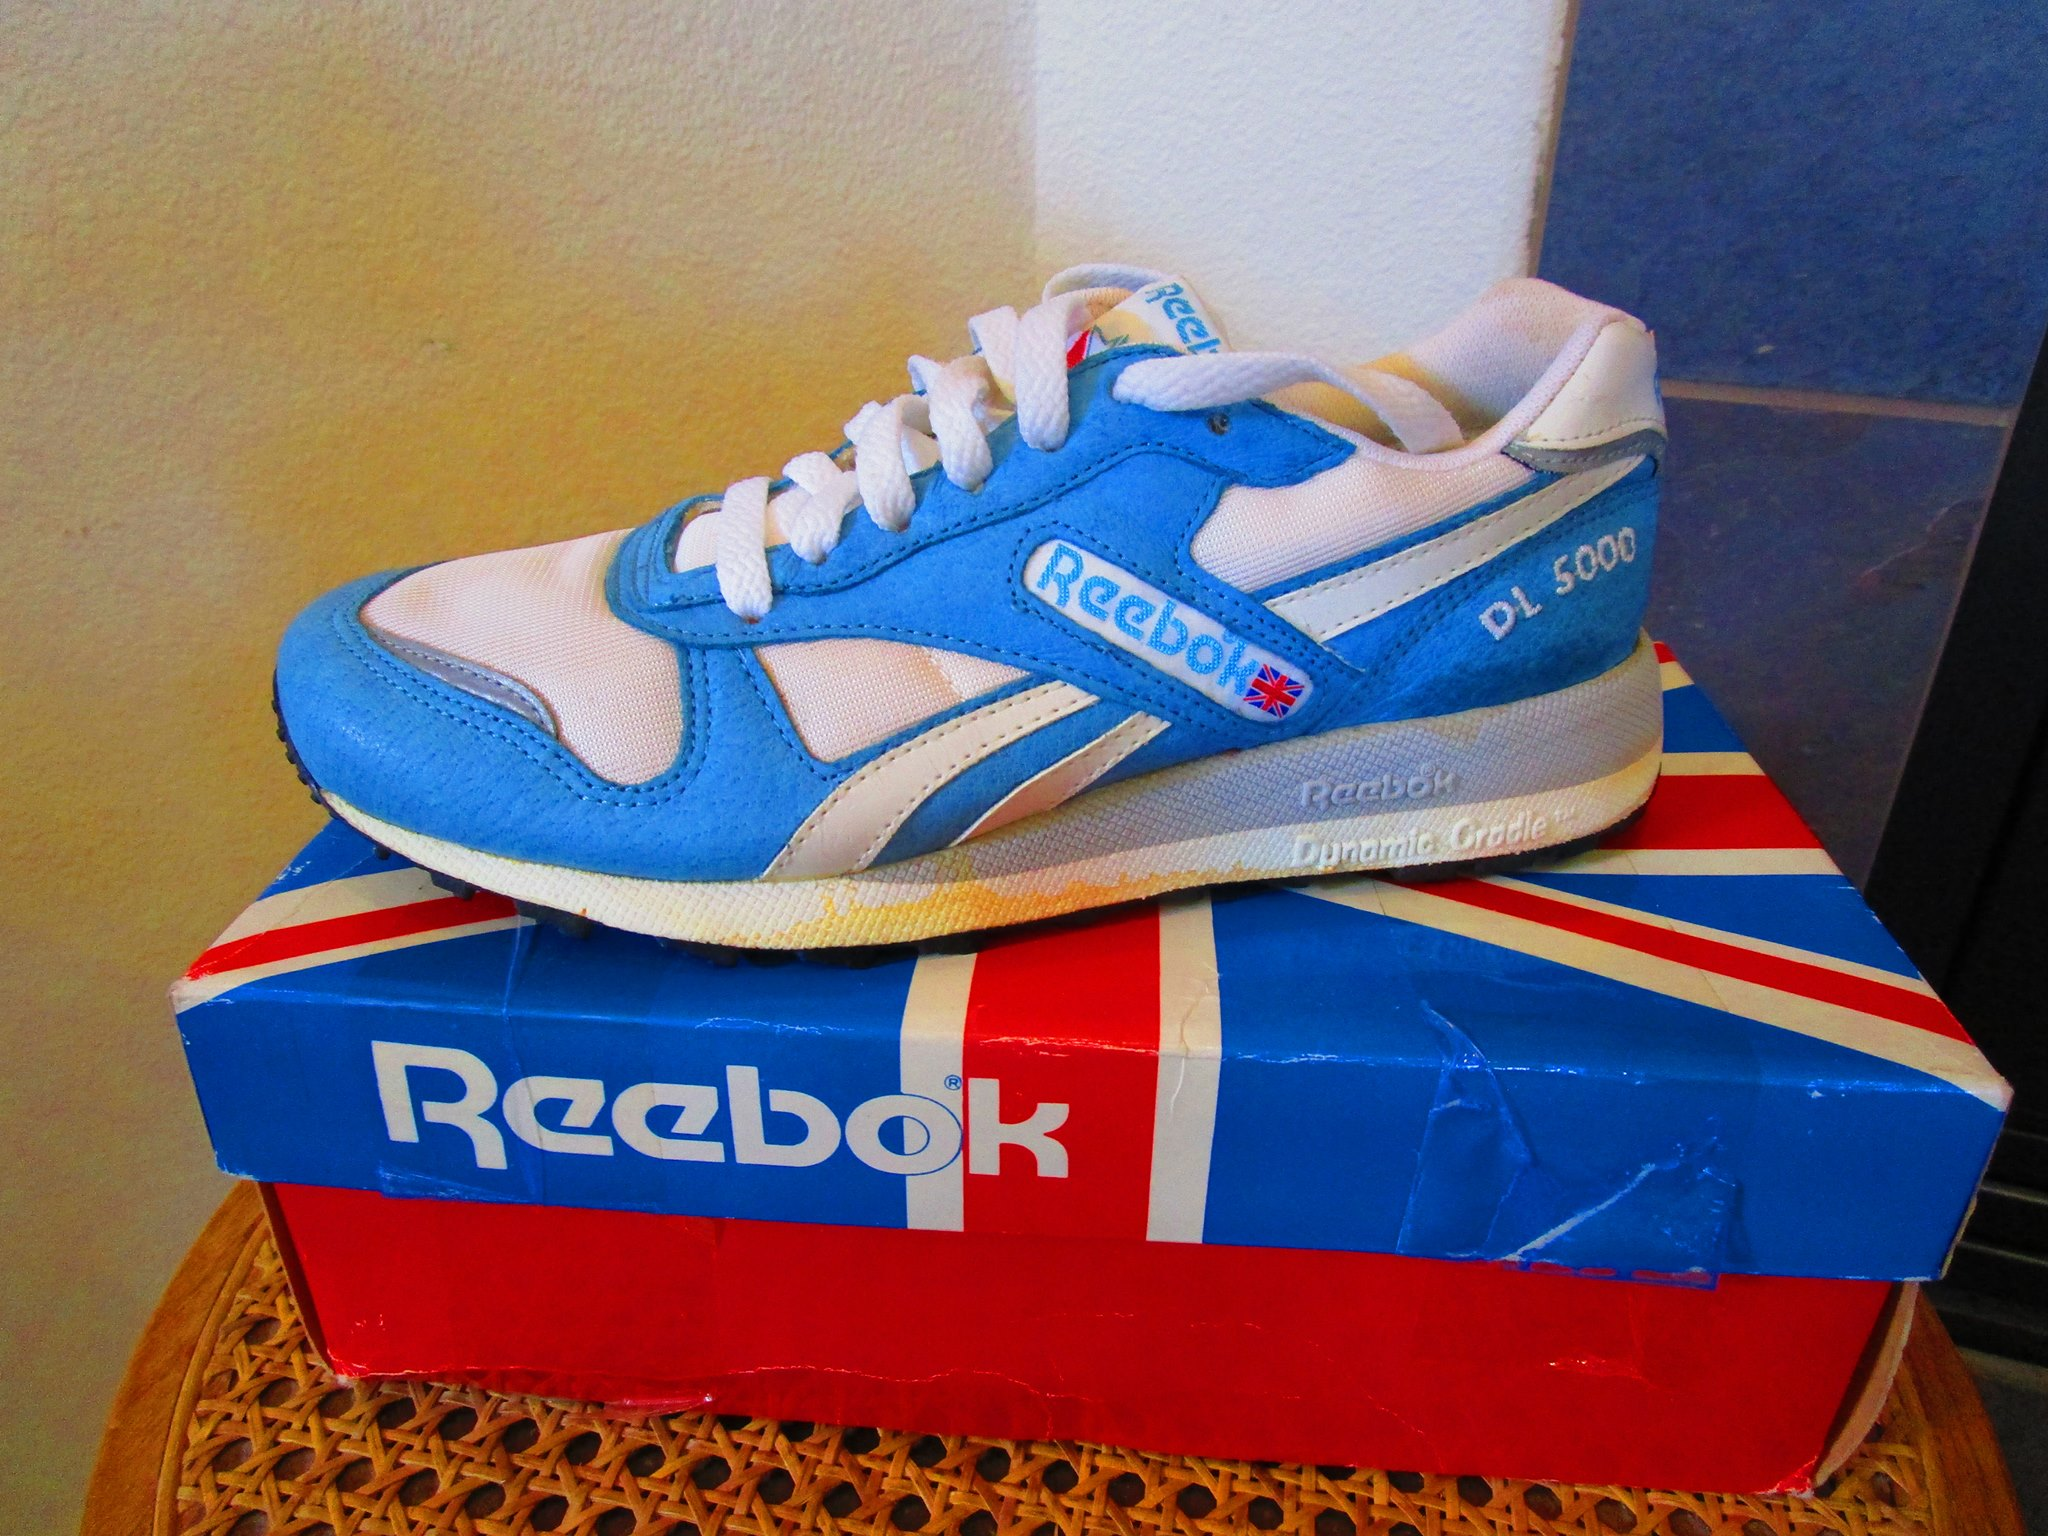 d966417fe075 reebok pump ebay usa - kwajweb.com